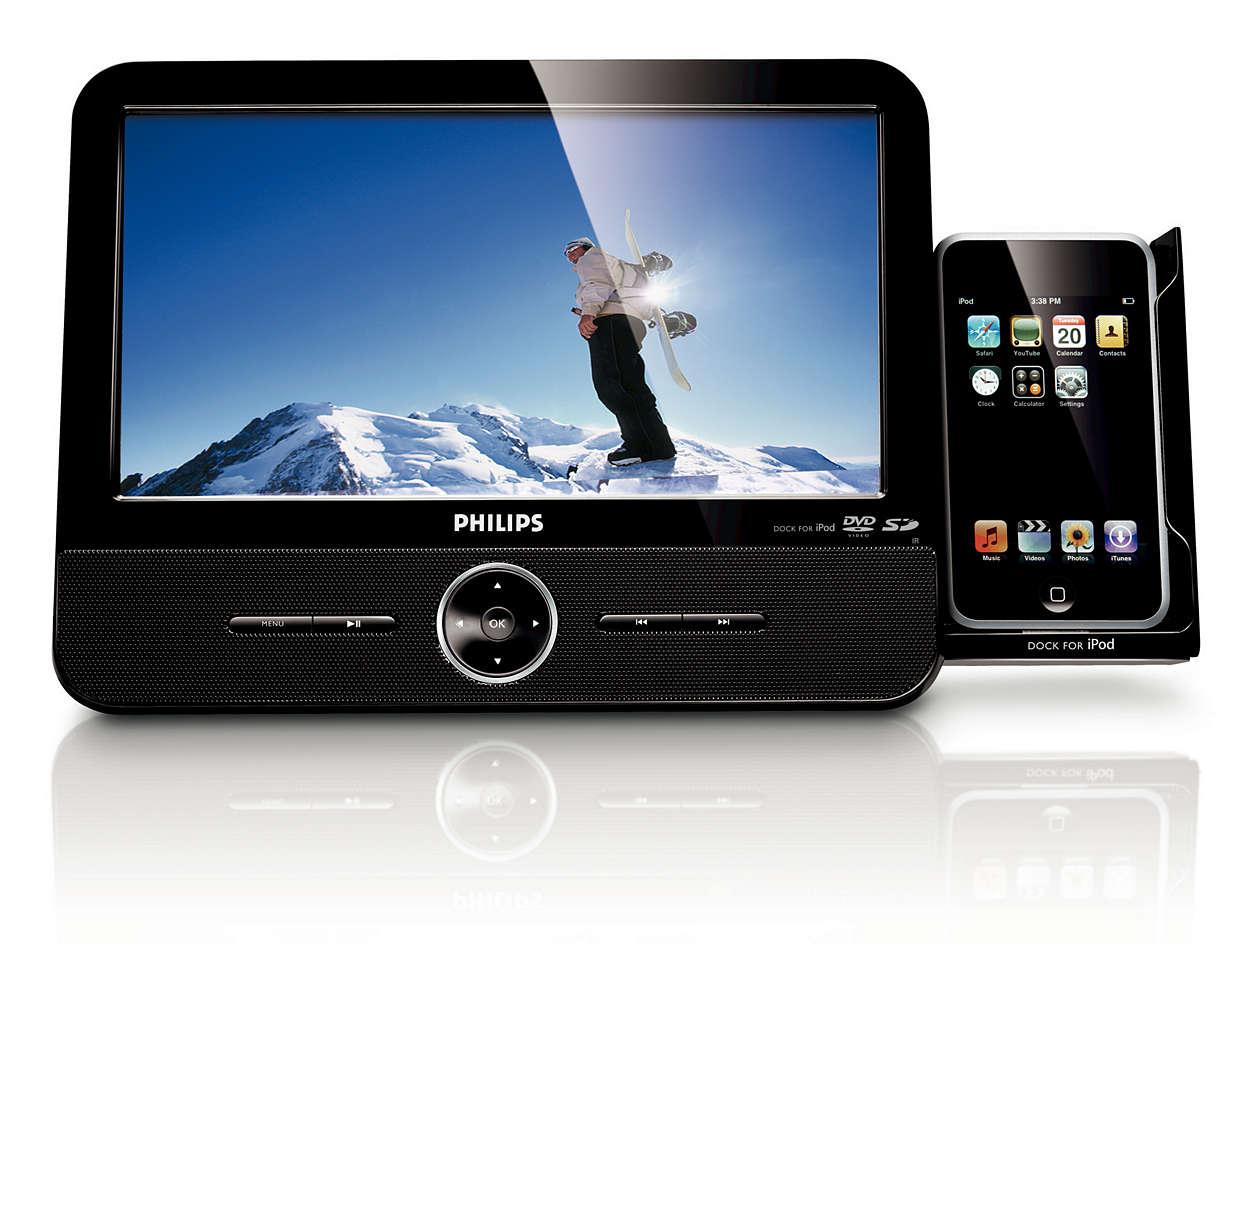 Geniet van uw video's vanaf iPod, DVD en SD-kaart